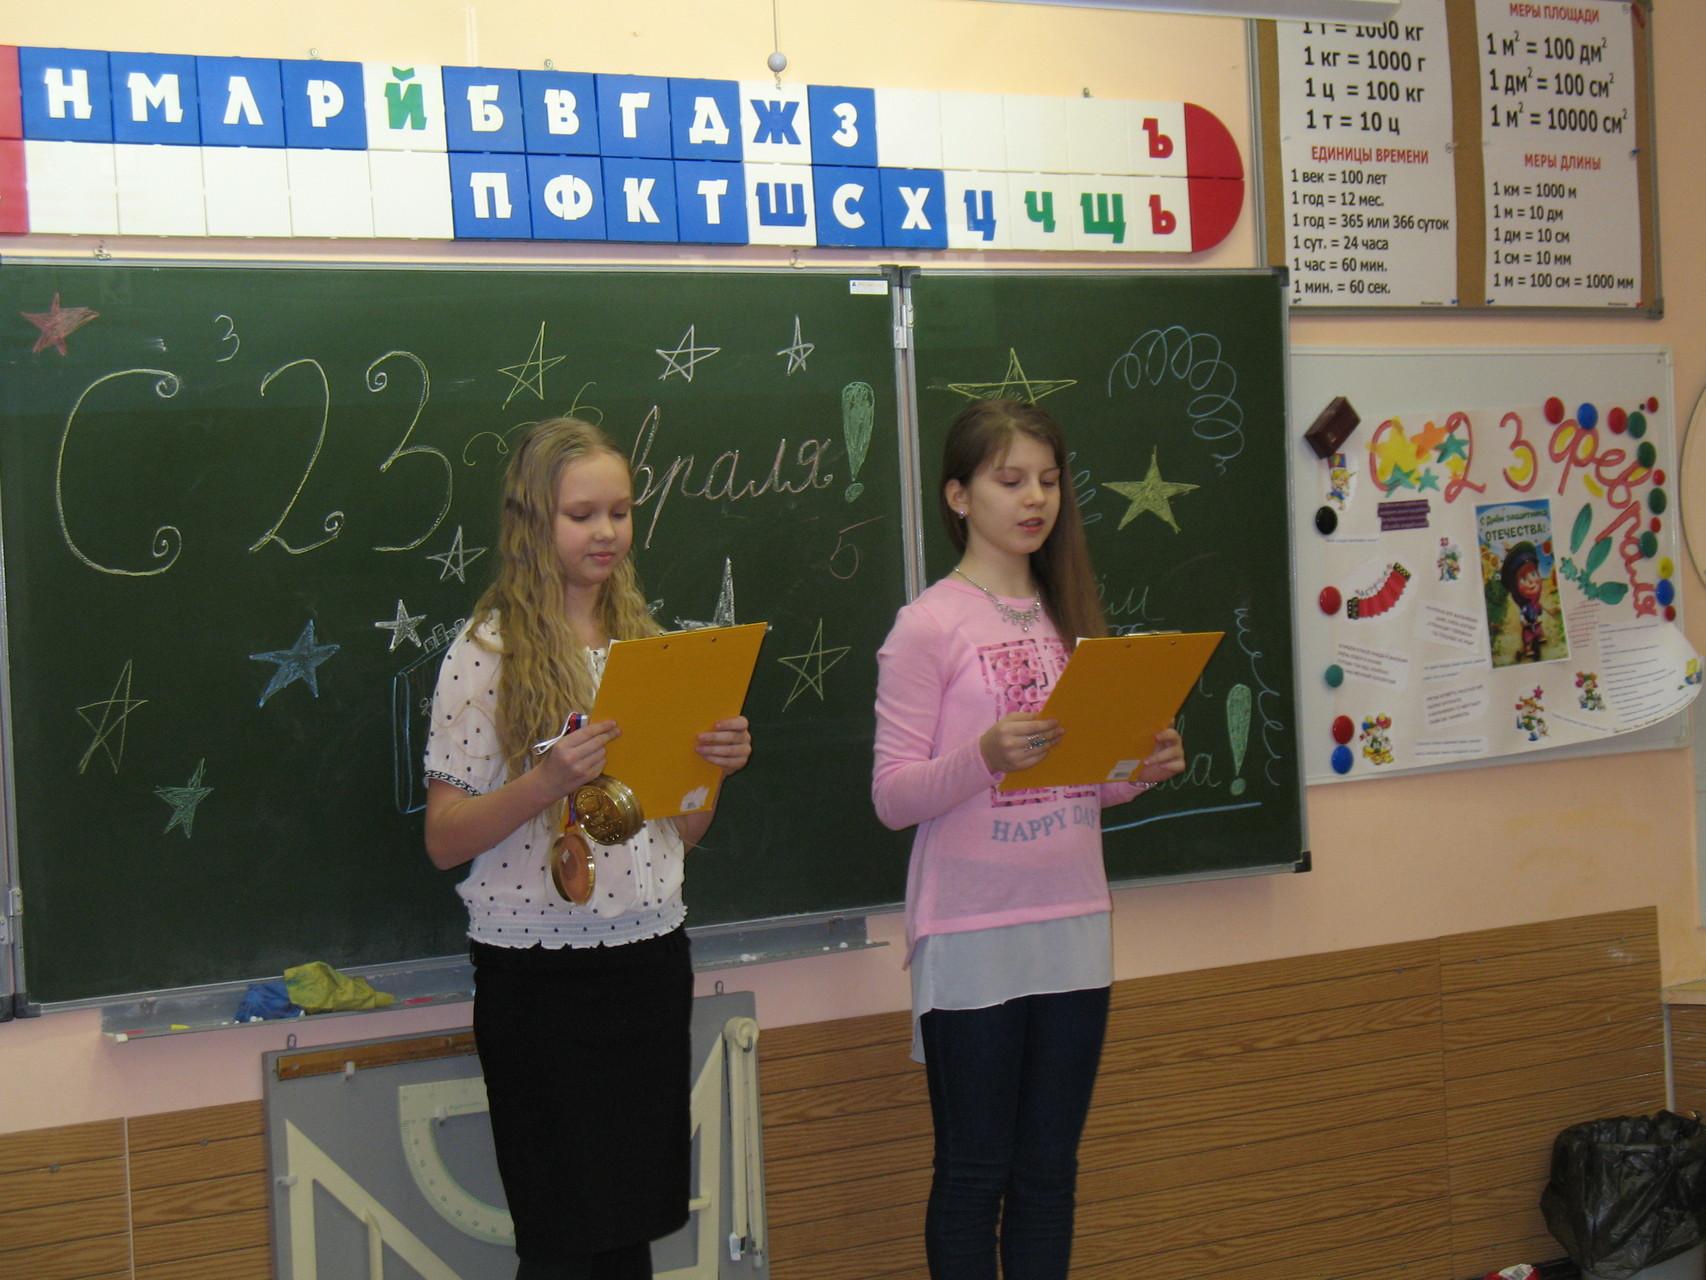 Ведущие праздника - Лера и Настя.